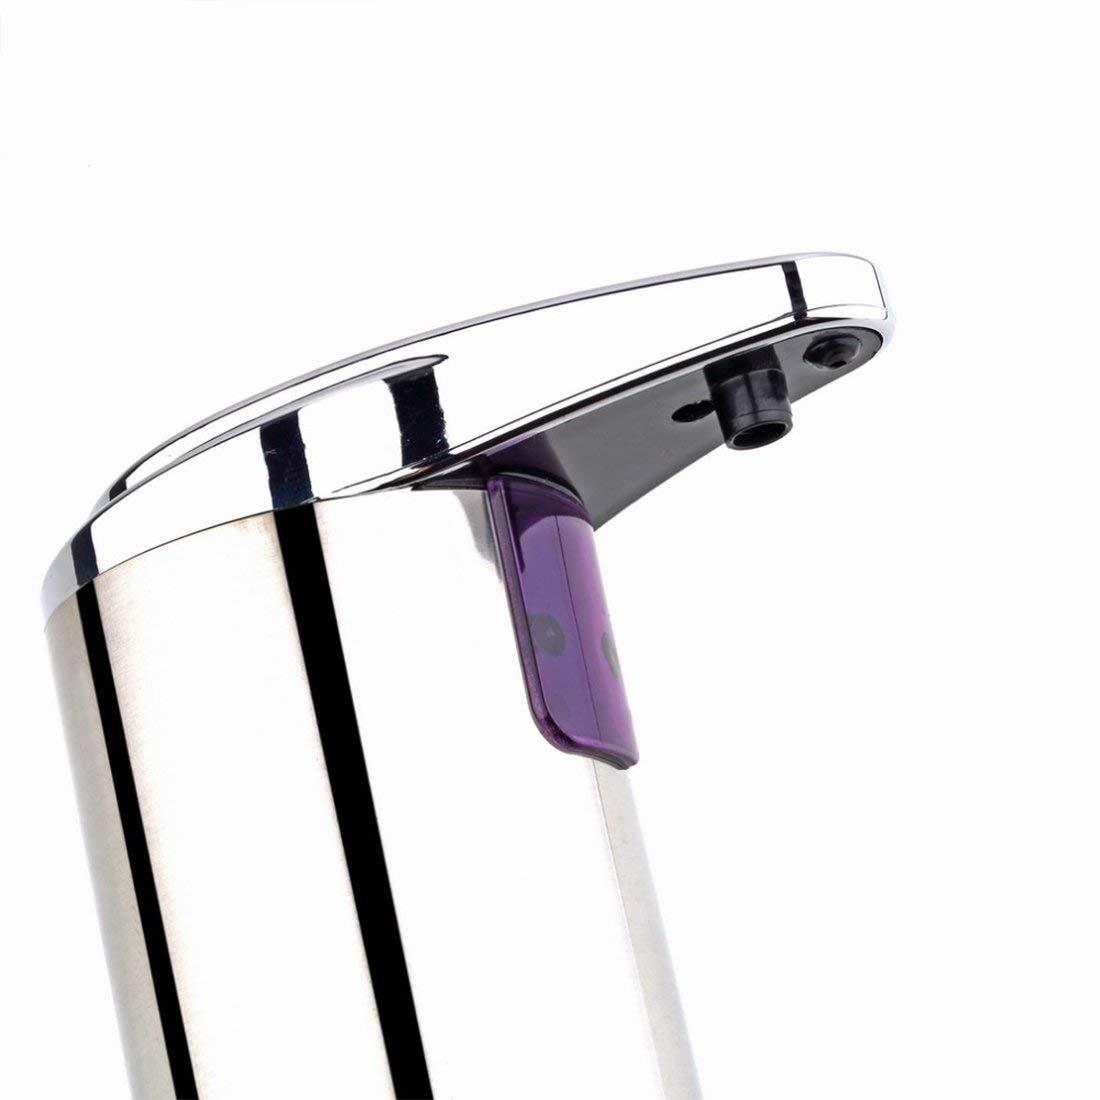 実用ソープディスペンサー * 250ミリリットル自動センサーソープディスペンサーベース壁掛けステンレス鋼タッチ消毒ディスペンサー用キッチン浴室 B07SRYVTHG